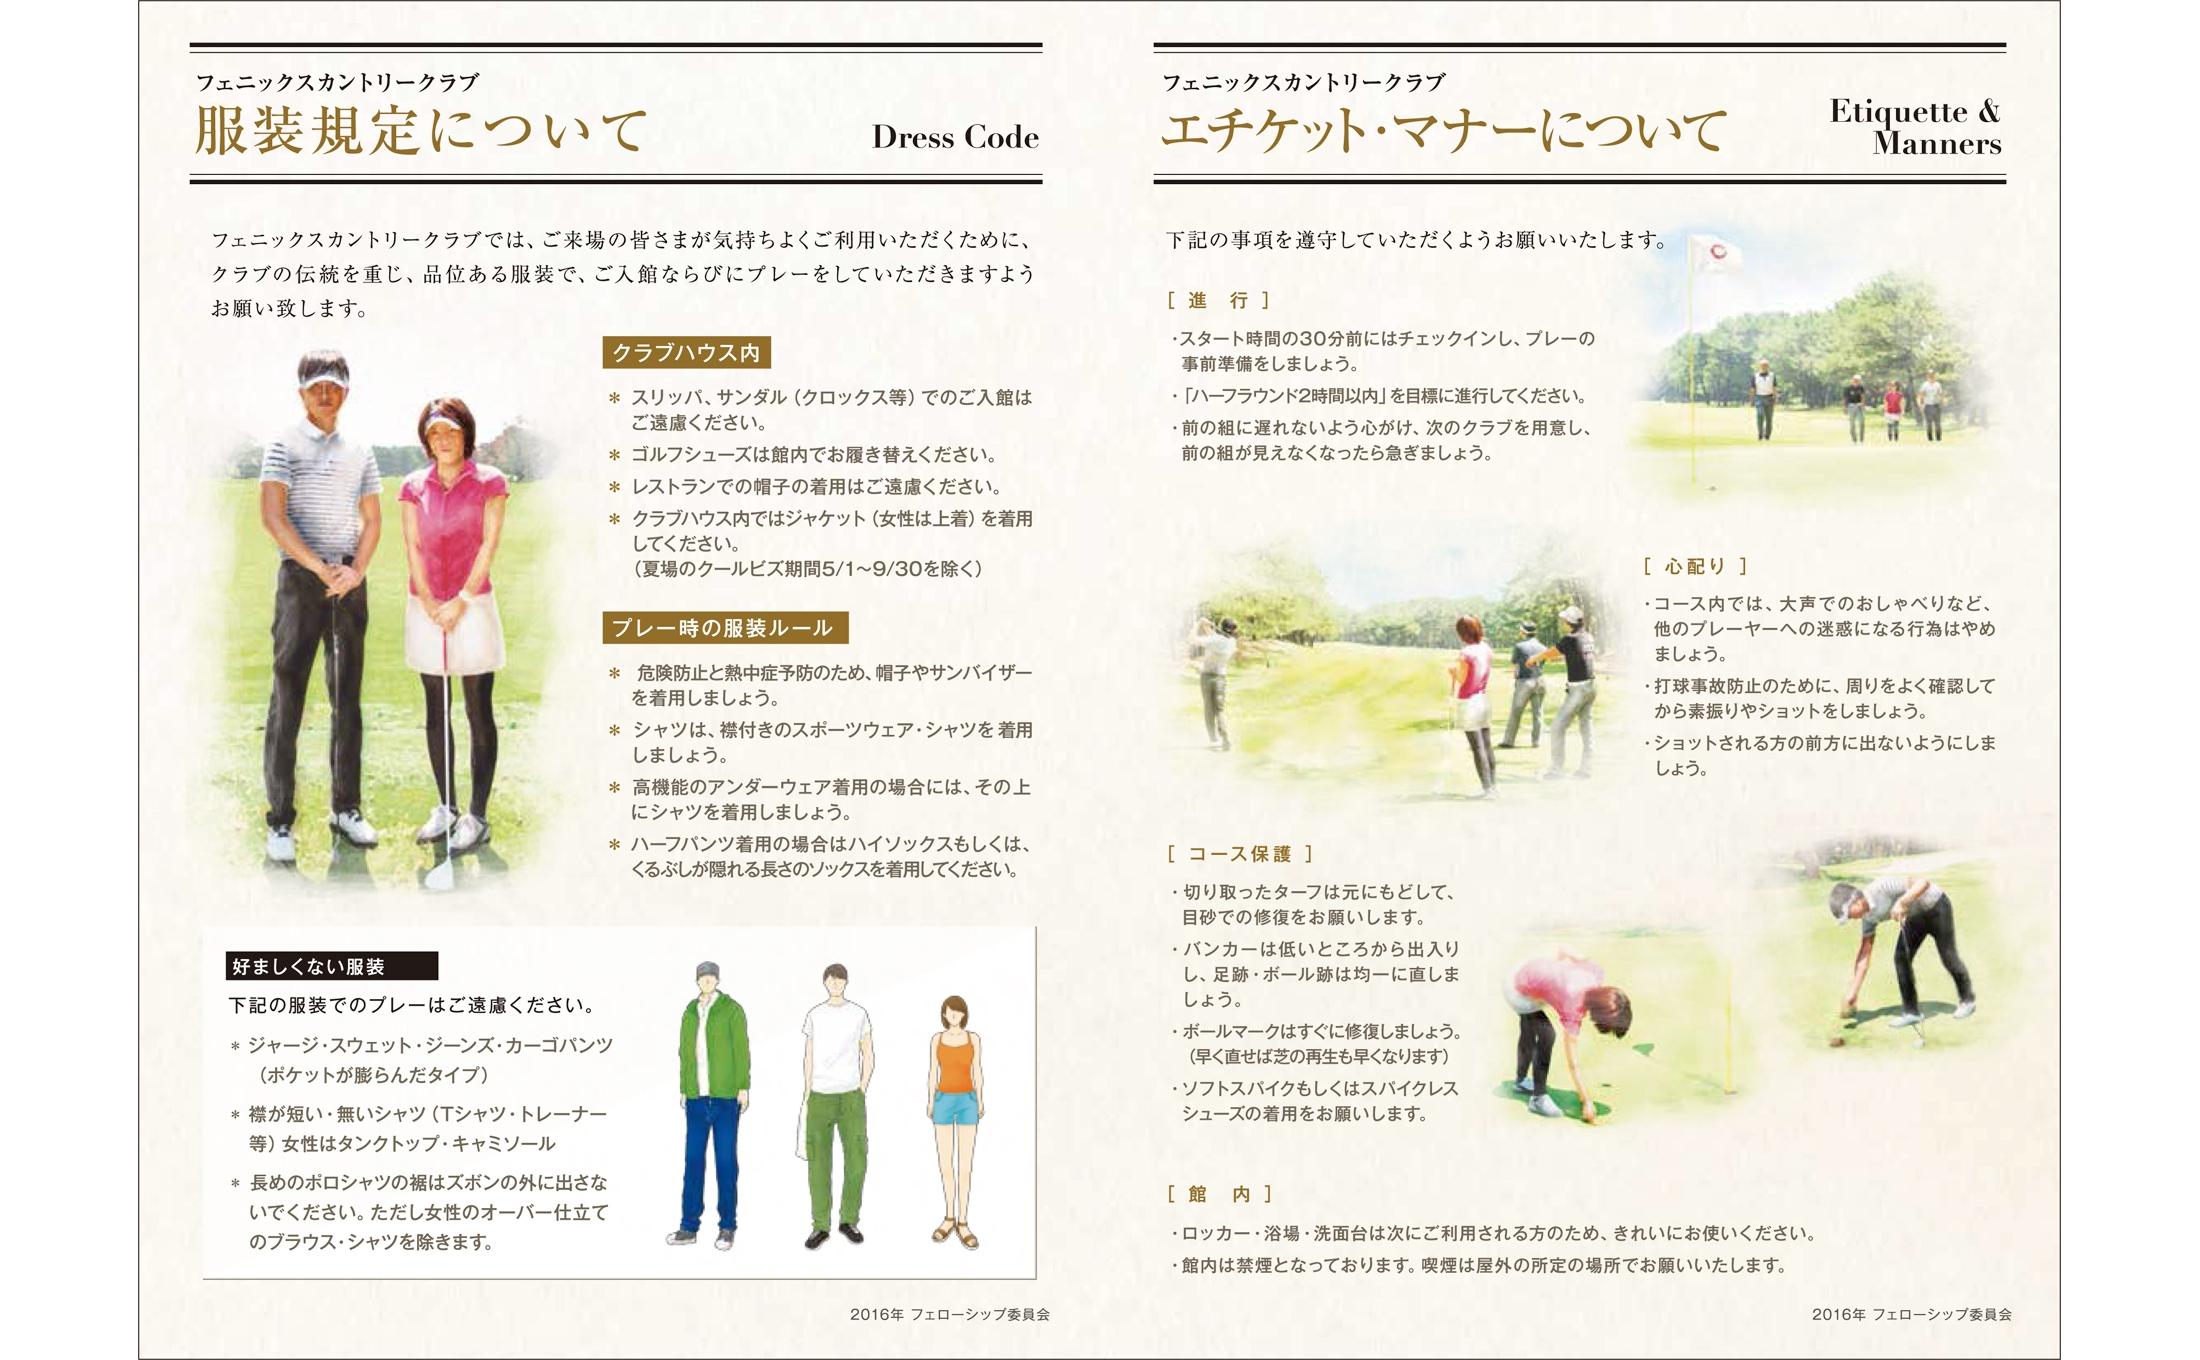 服装規定とエチケット・マナーについて | フェニックスカントリー ...